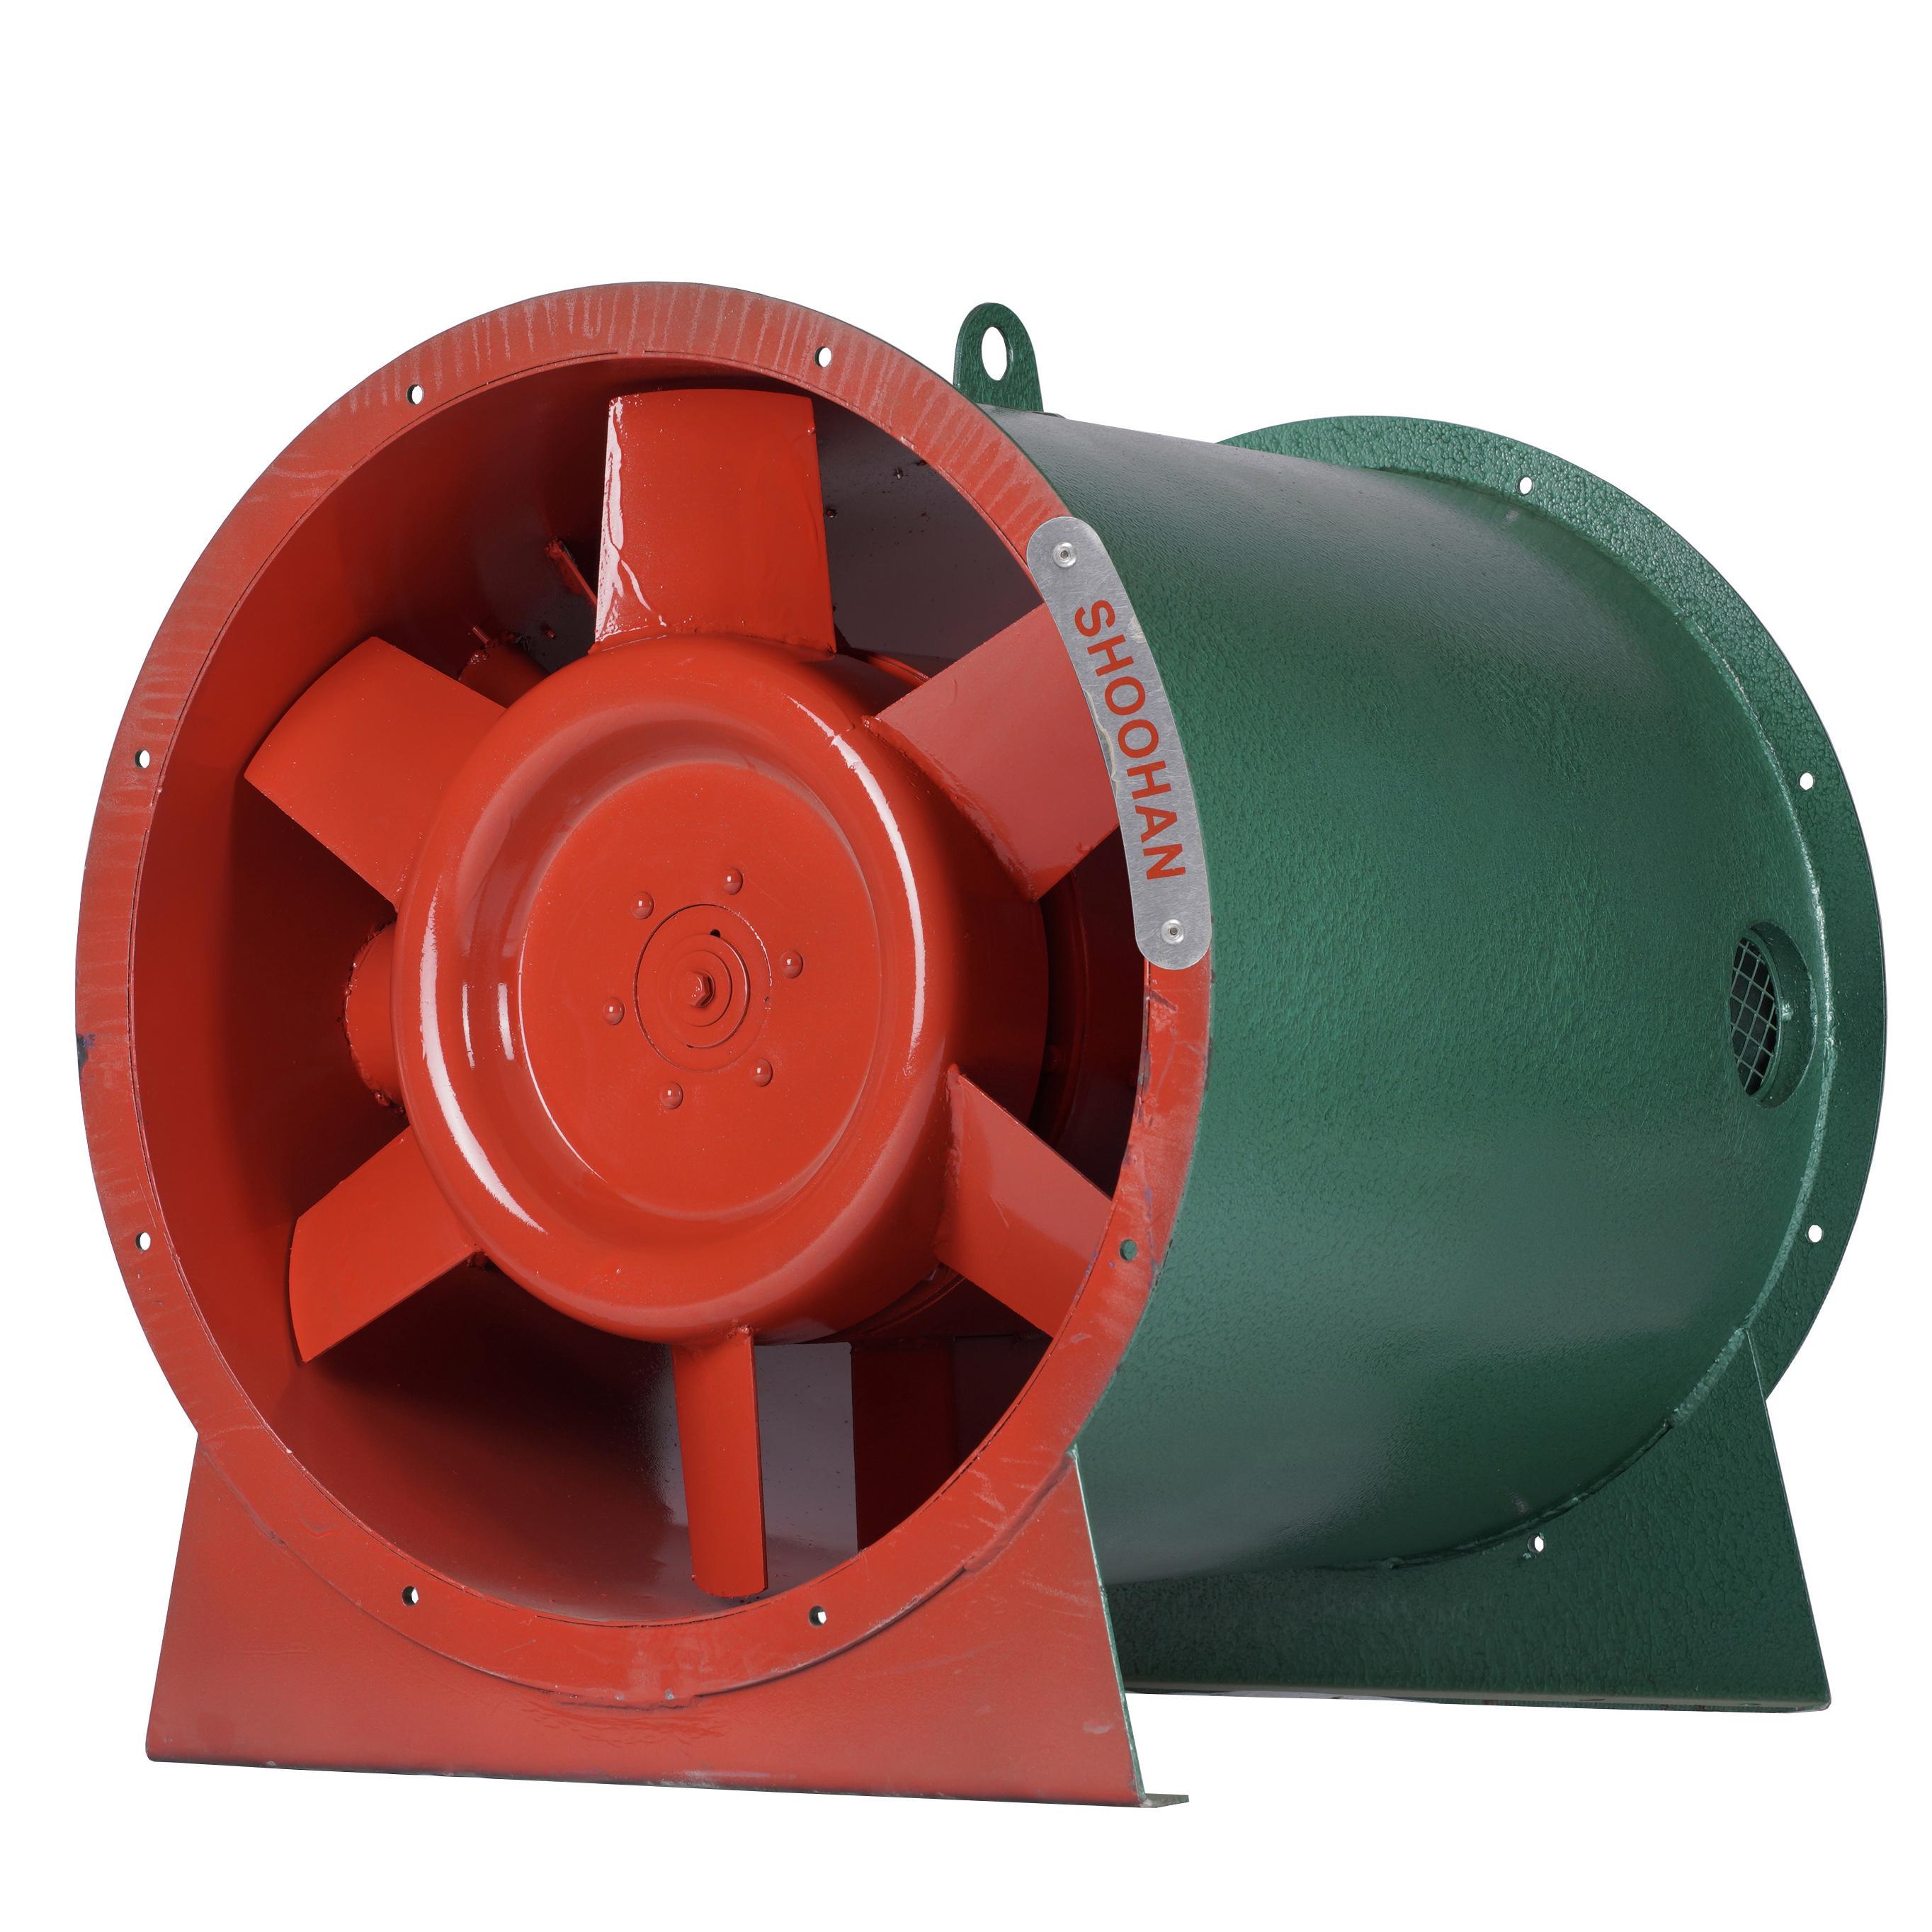 Quạt chống cháy nổ HTFA-2 ( Hướng trục tốc độ đôi)